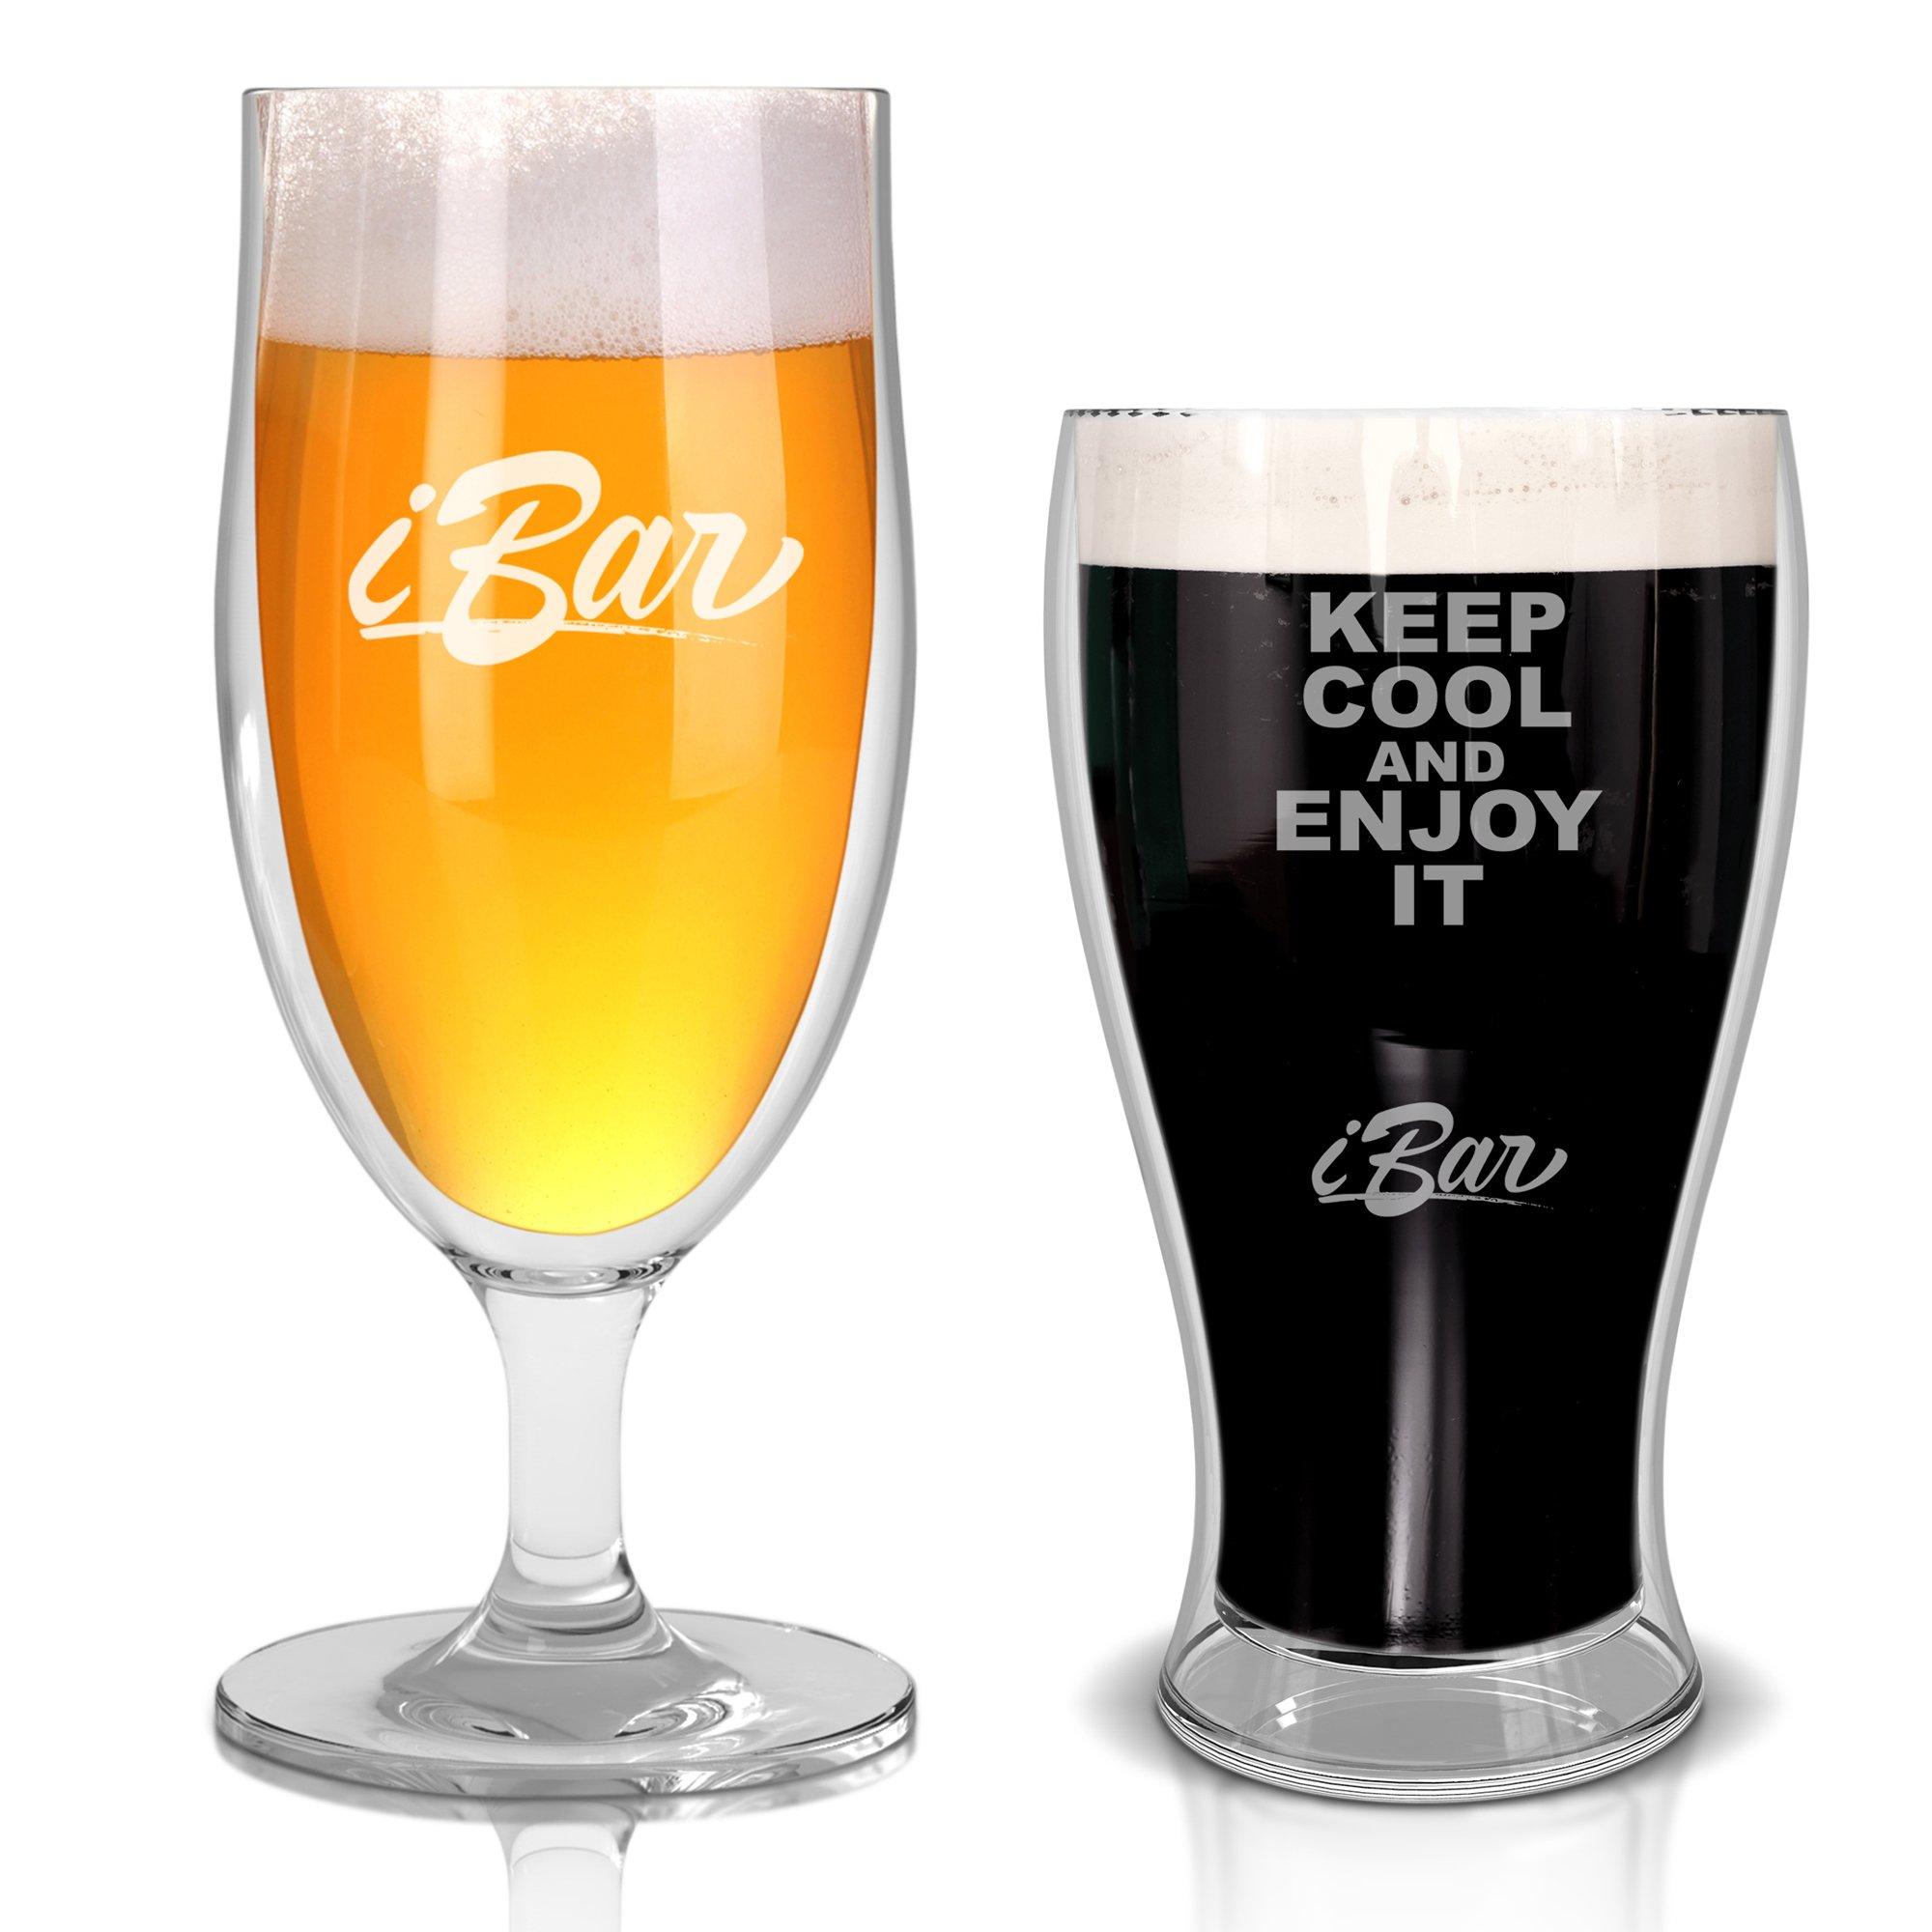 Juego de 2 vasos para degustación de cerveza doble pared